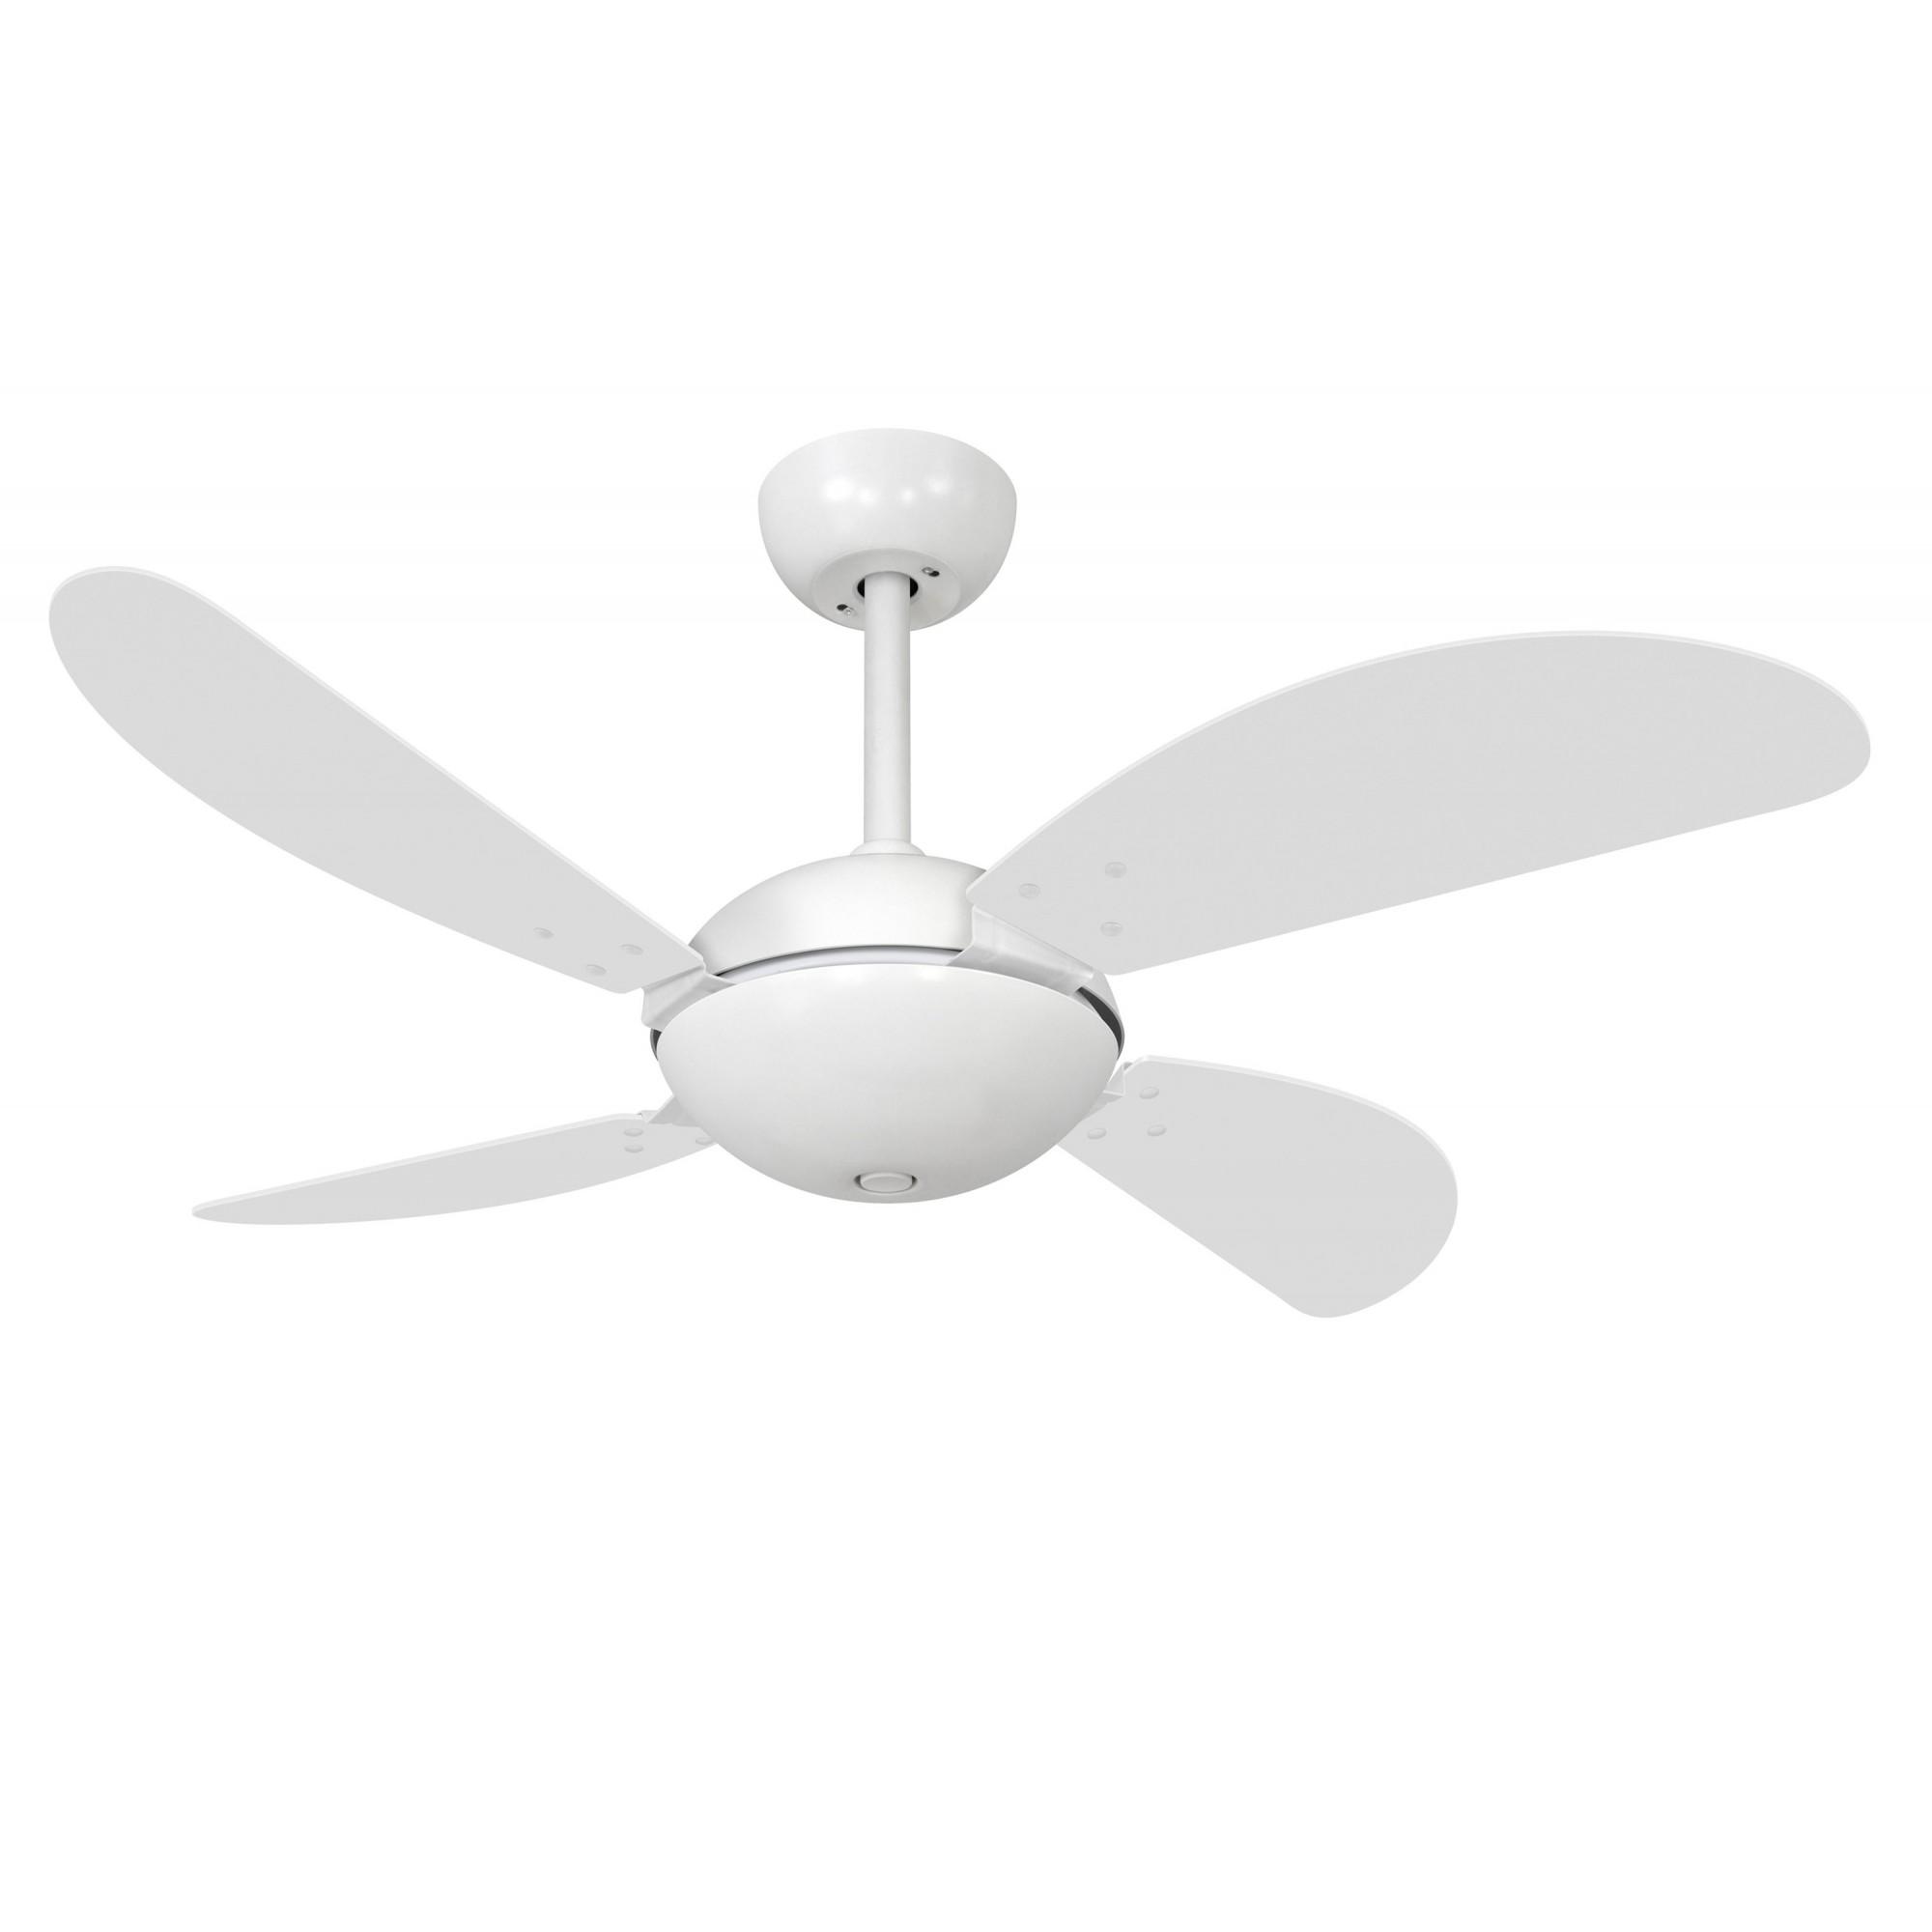 Ventilador de Teto Office Fly Branco 4 Pás MDF 110V